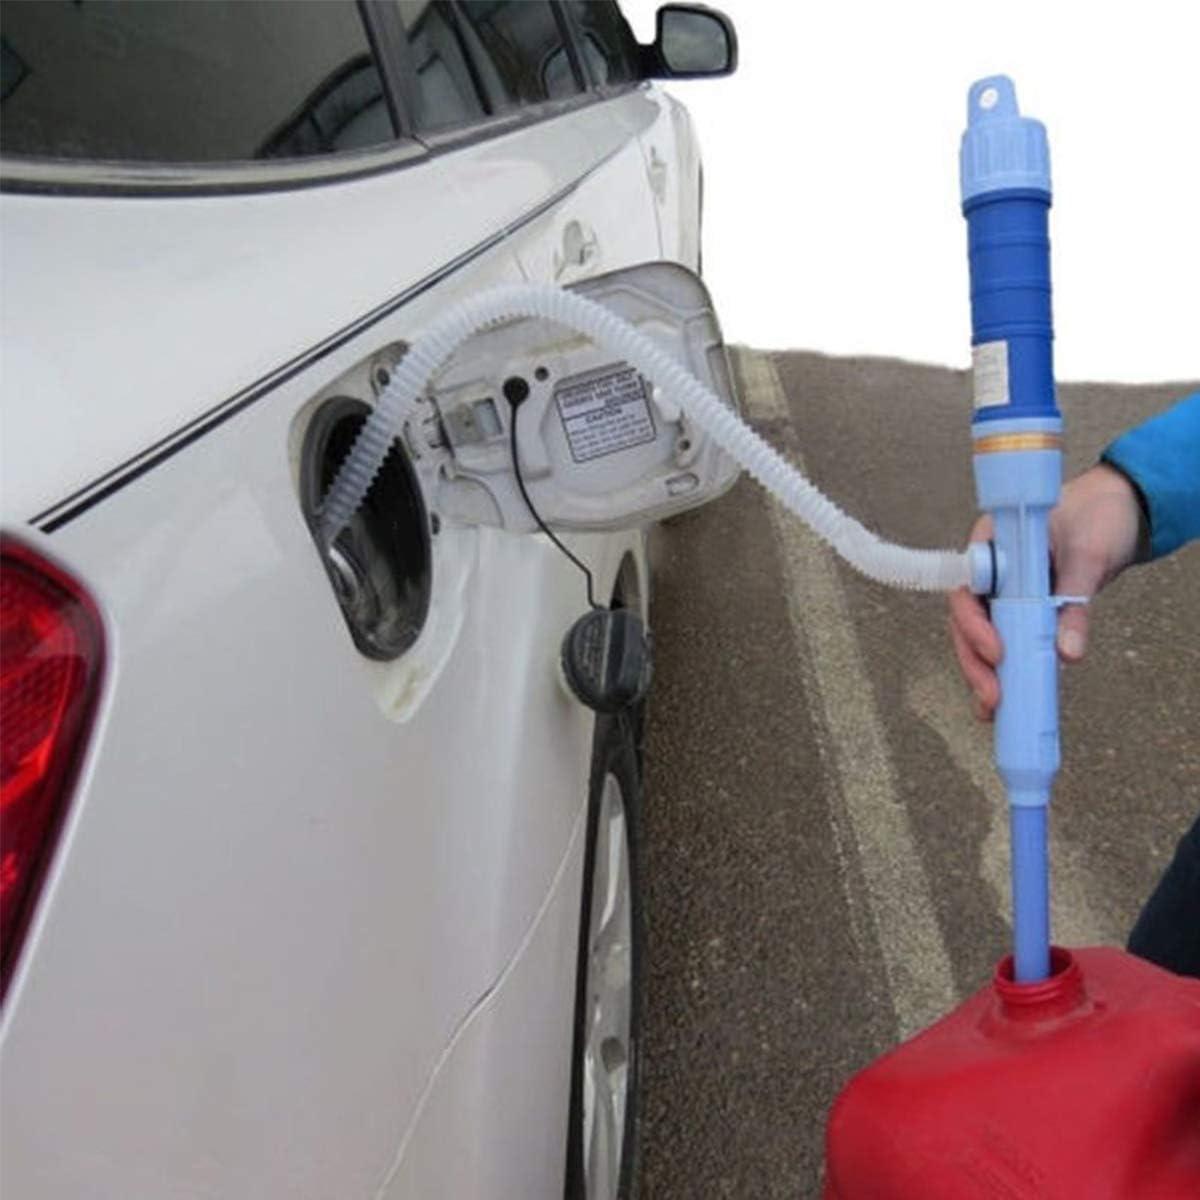 Aceite de Transferencia de Gas l/íquido de Forma Segura sif/ón Funciona con Pilas MASO Bomba de Agua el/éctrica